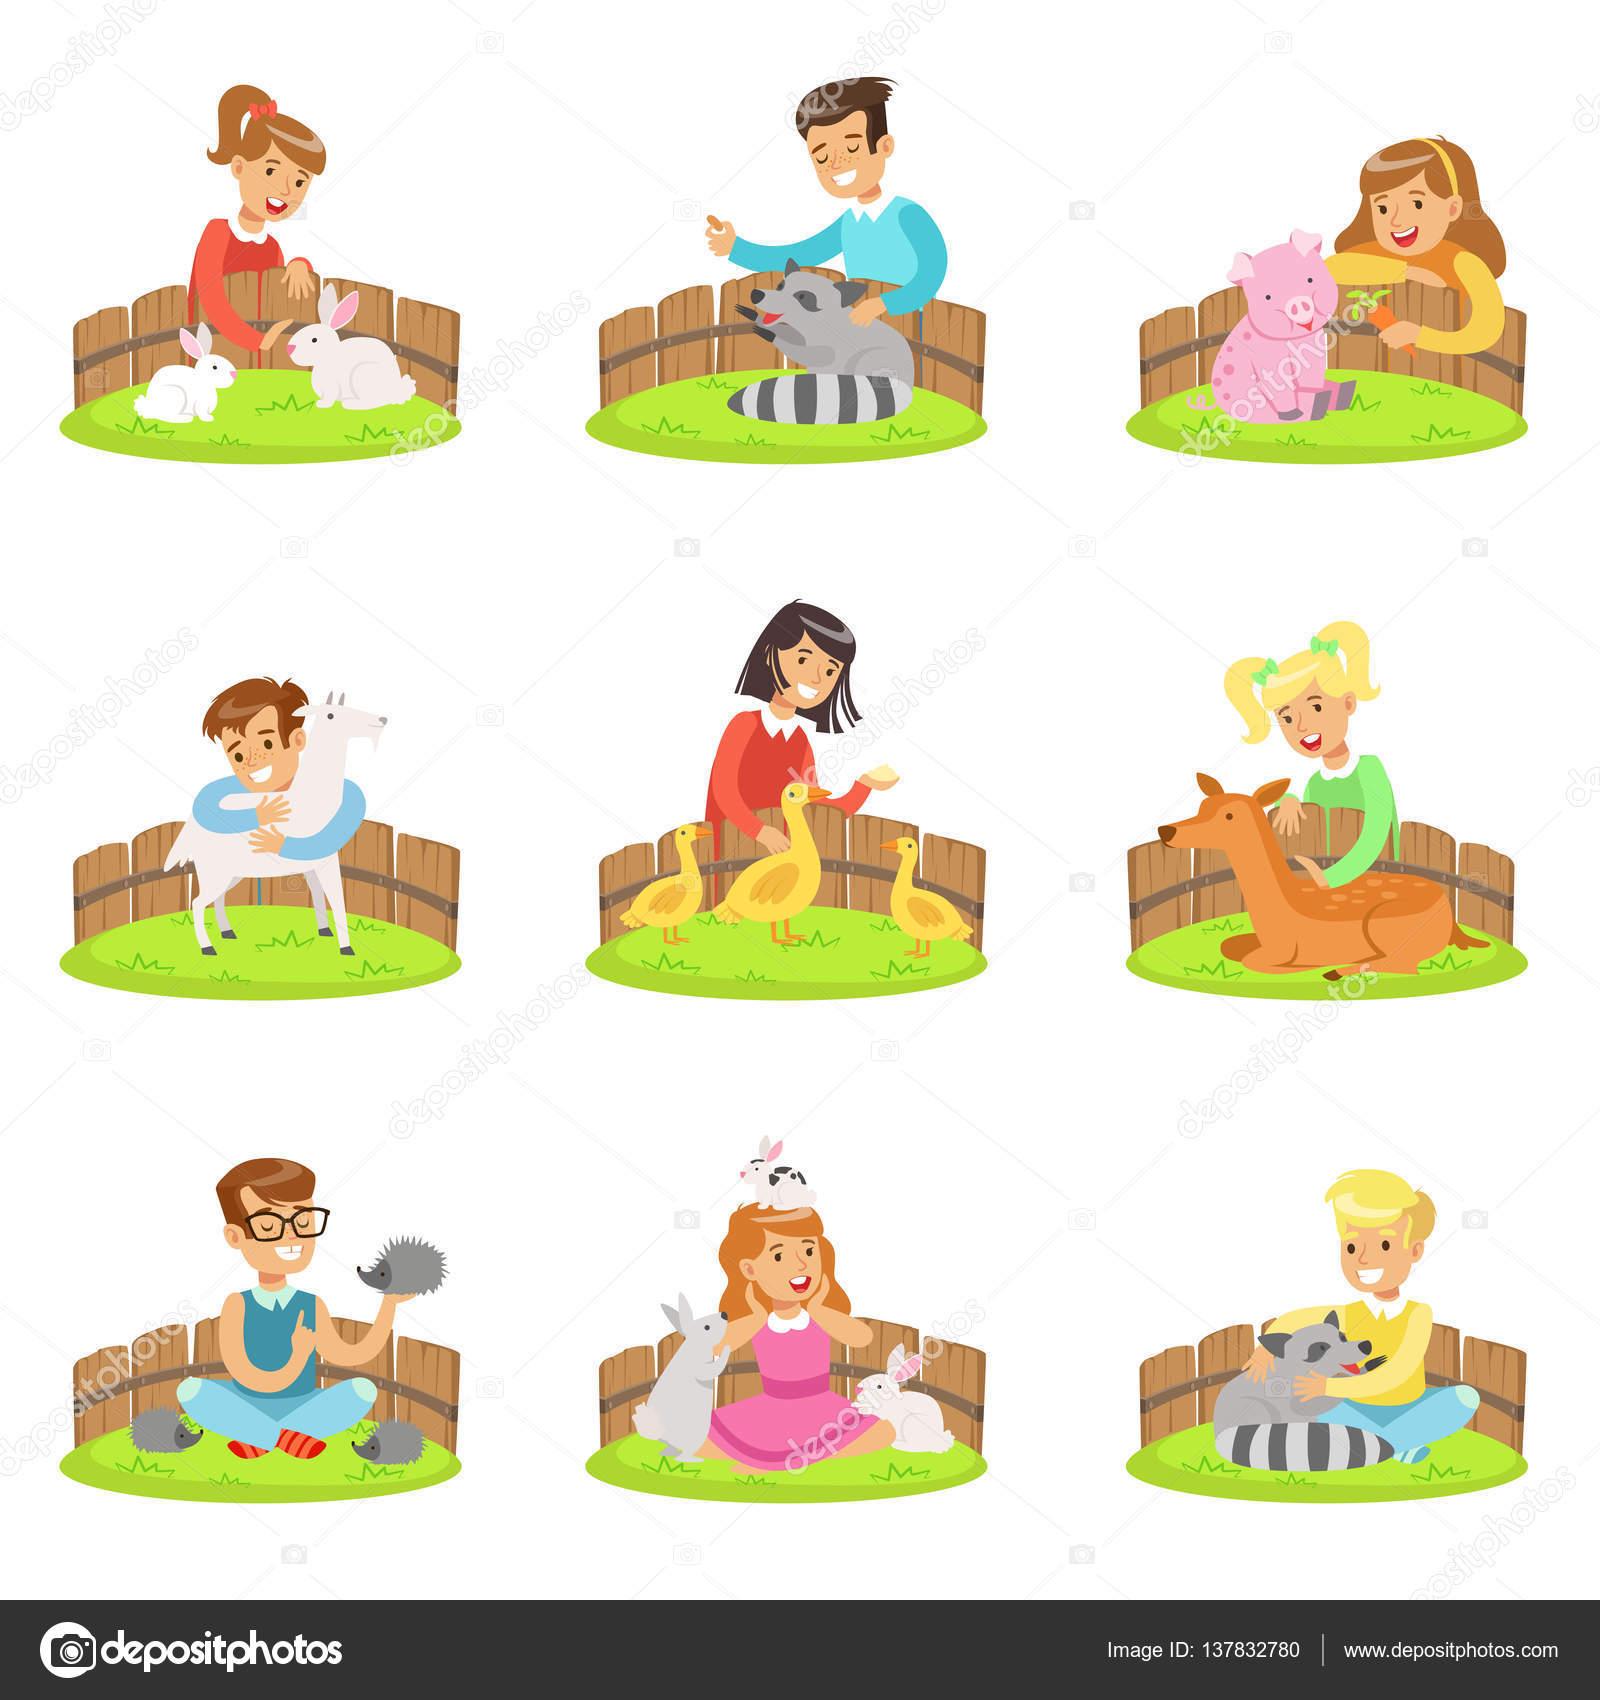 漫画イラスト楽しく子供たちとのふれあい動物園セットで小動物を